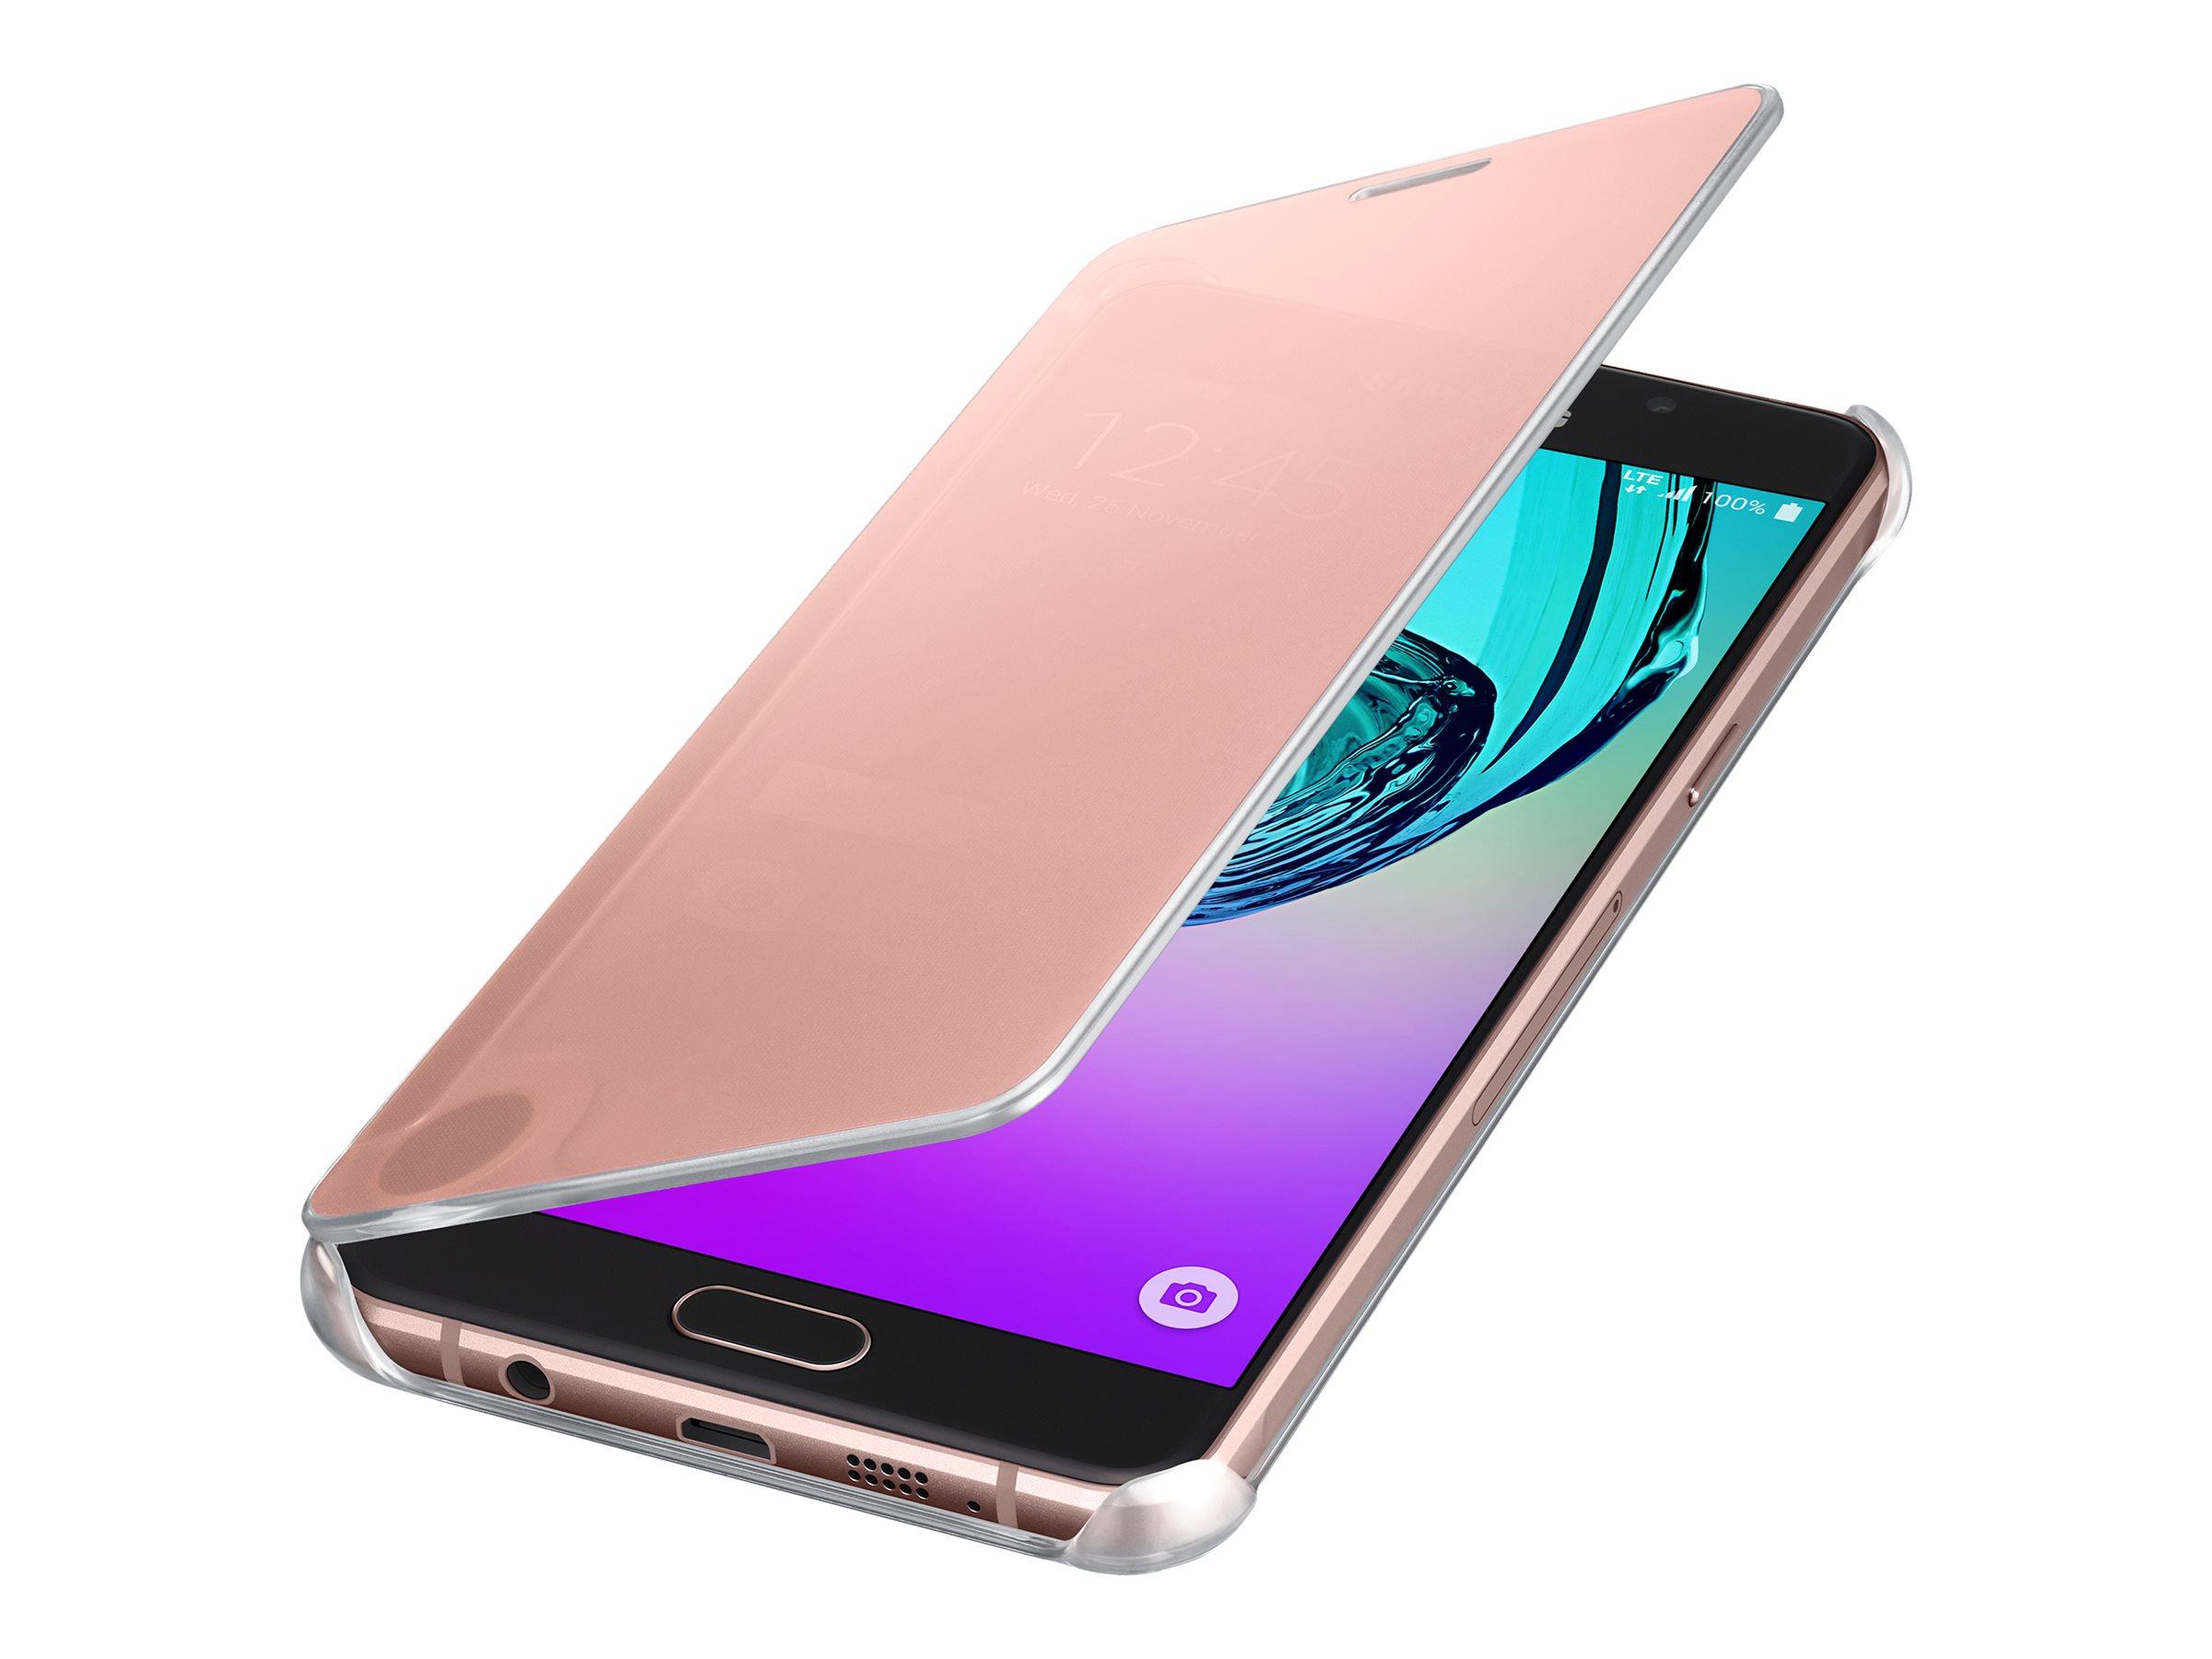 Samsung Clear View Cover EF-ZA510 protection à rabat pour téléphone portable